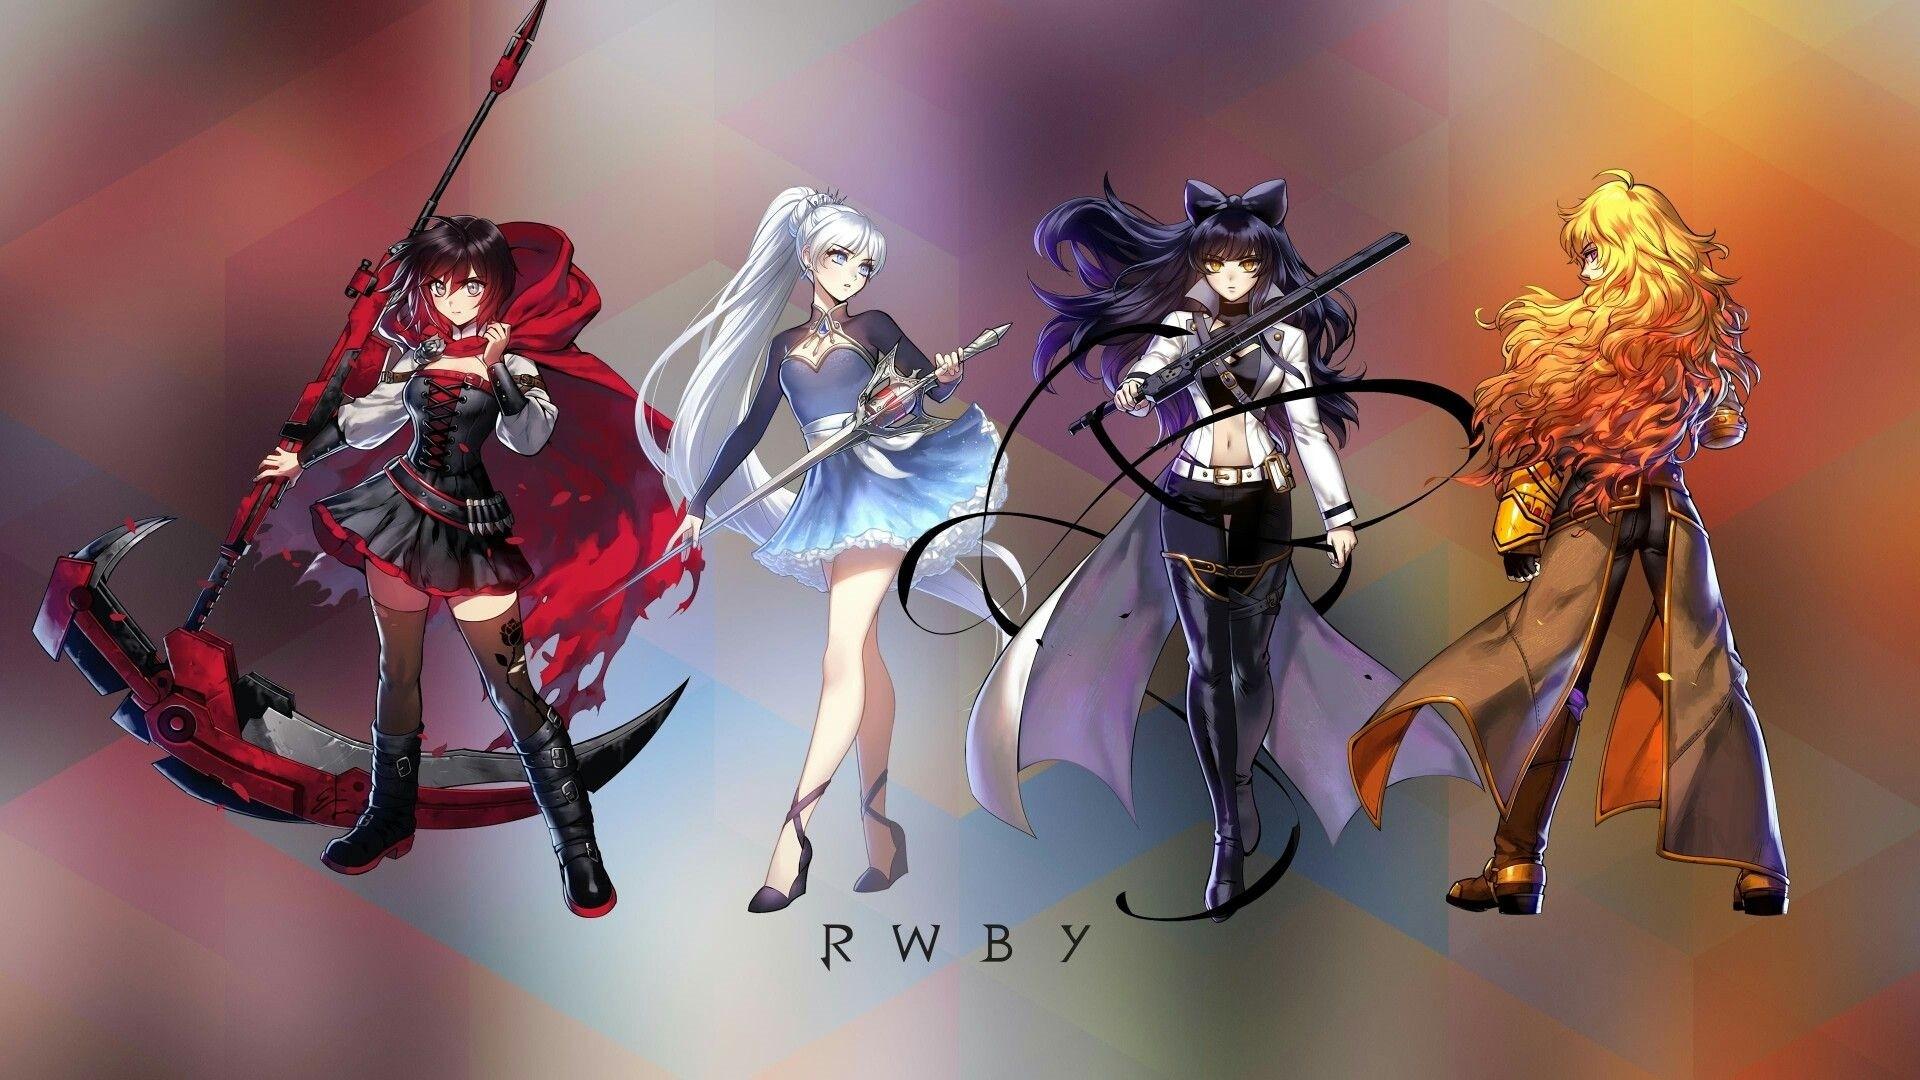 Rwby PC Wallpaper HD